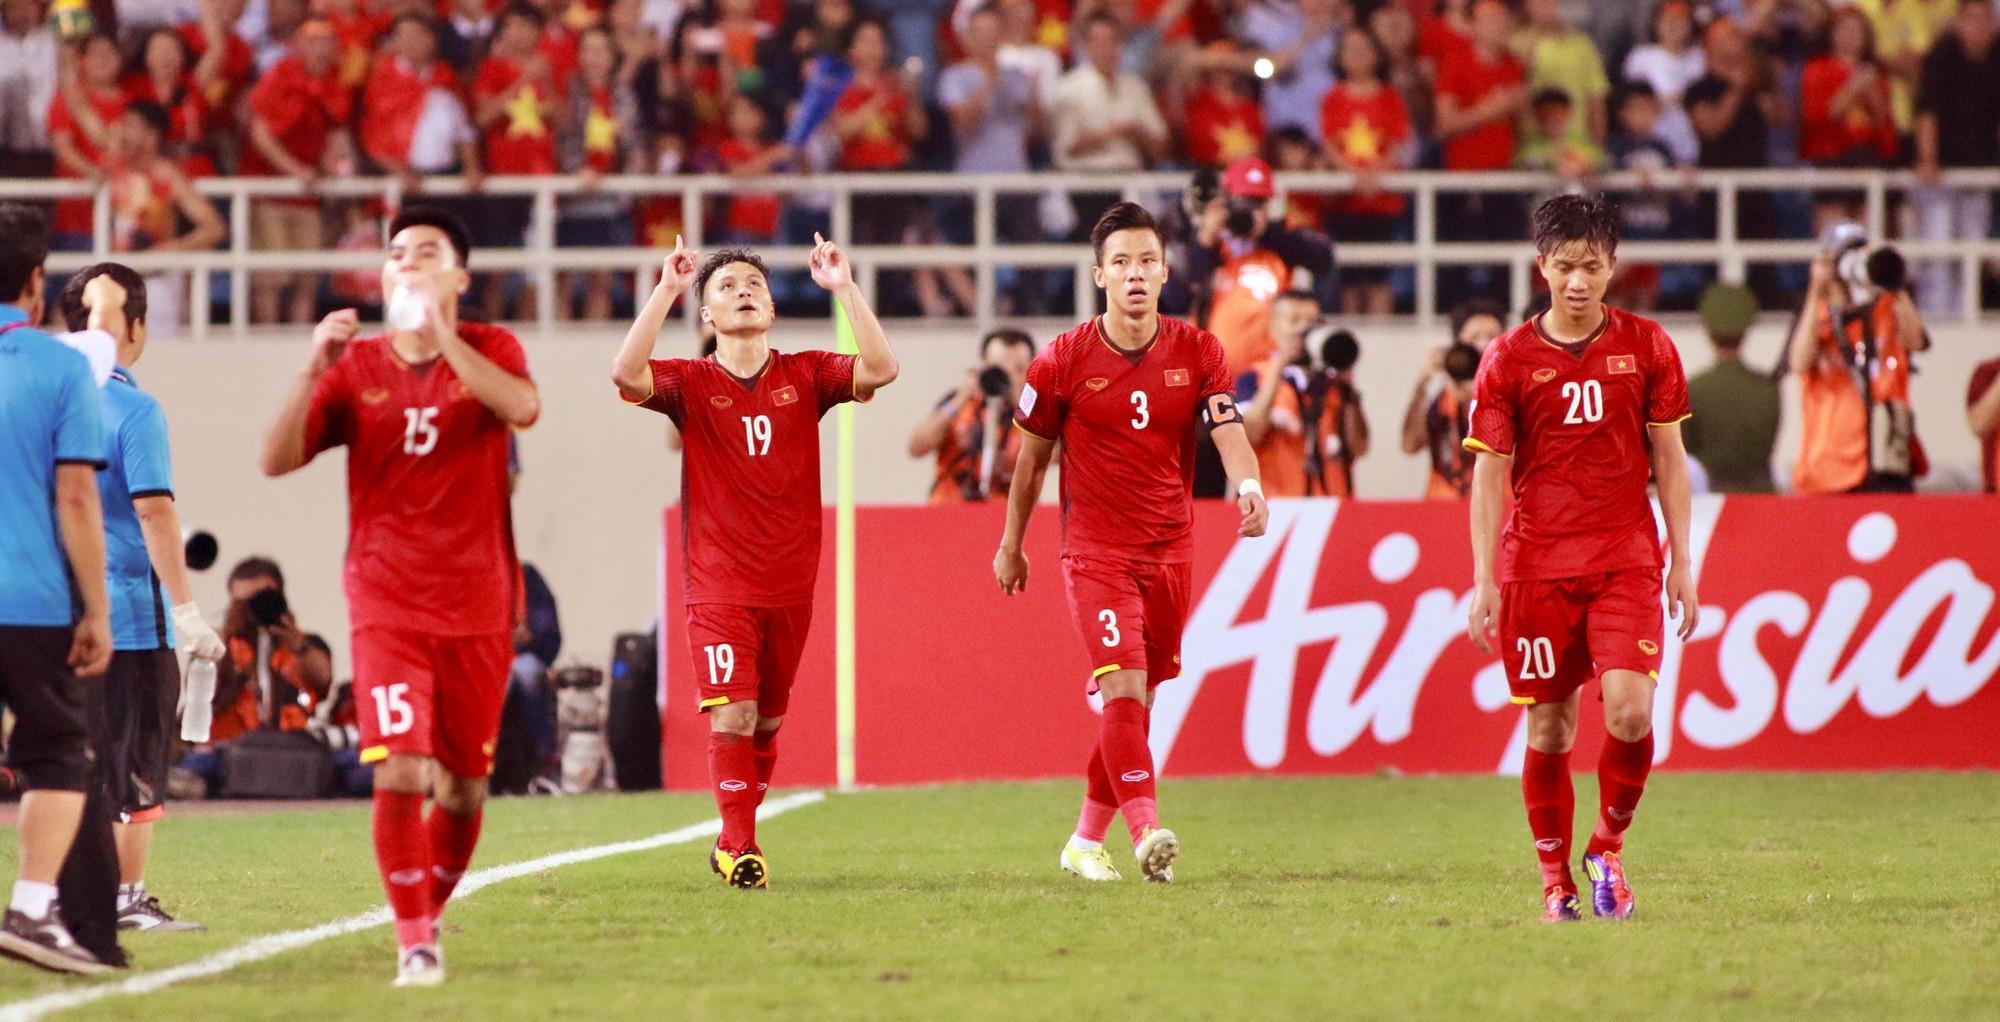 [eMagazine] - Giấc mơ 10 năm bóng đá Việt - Ảnh 1.